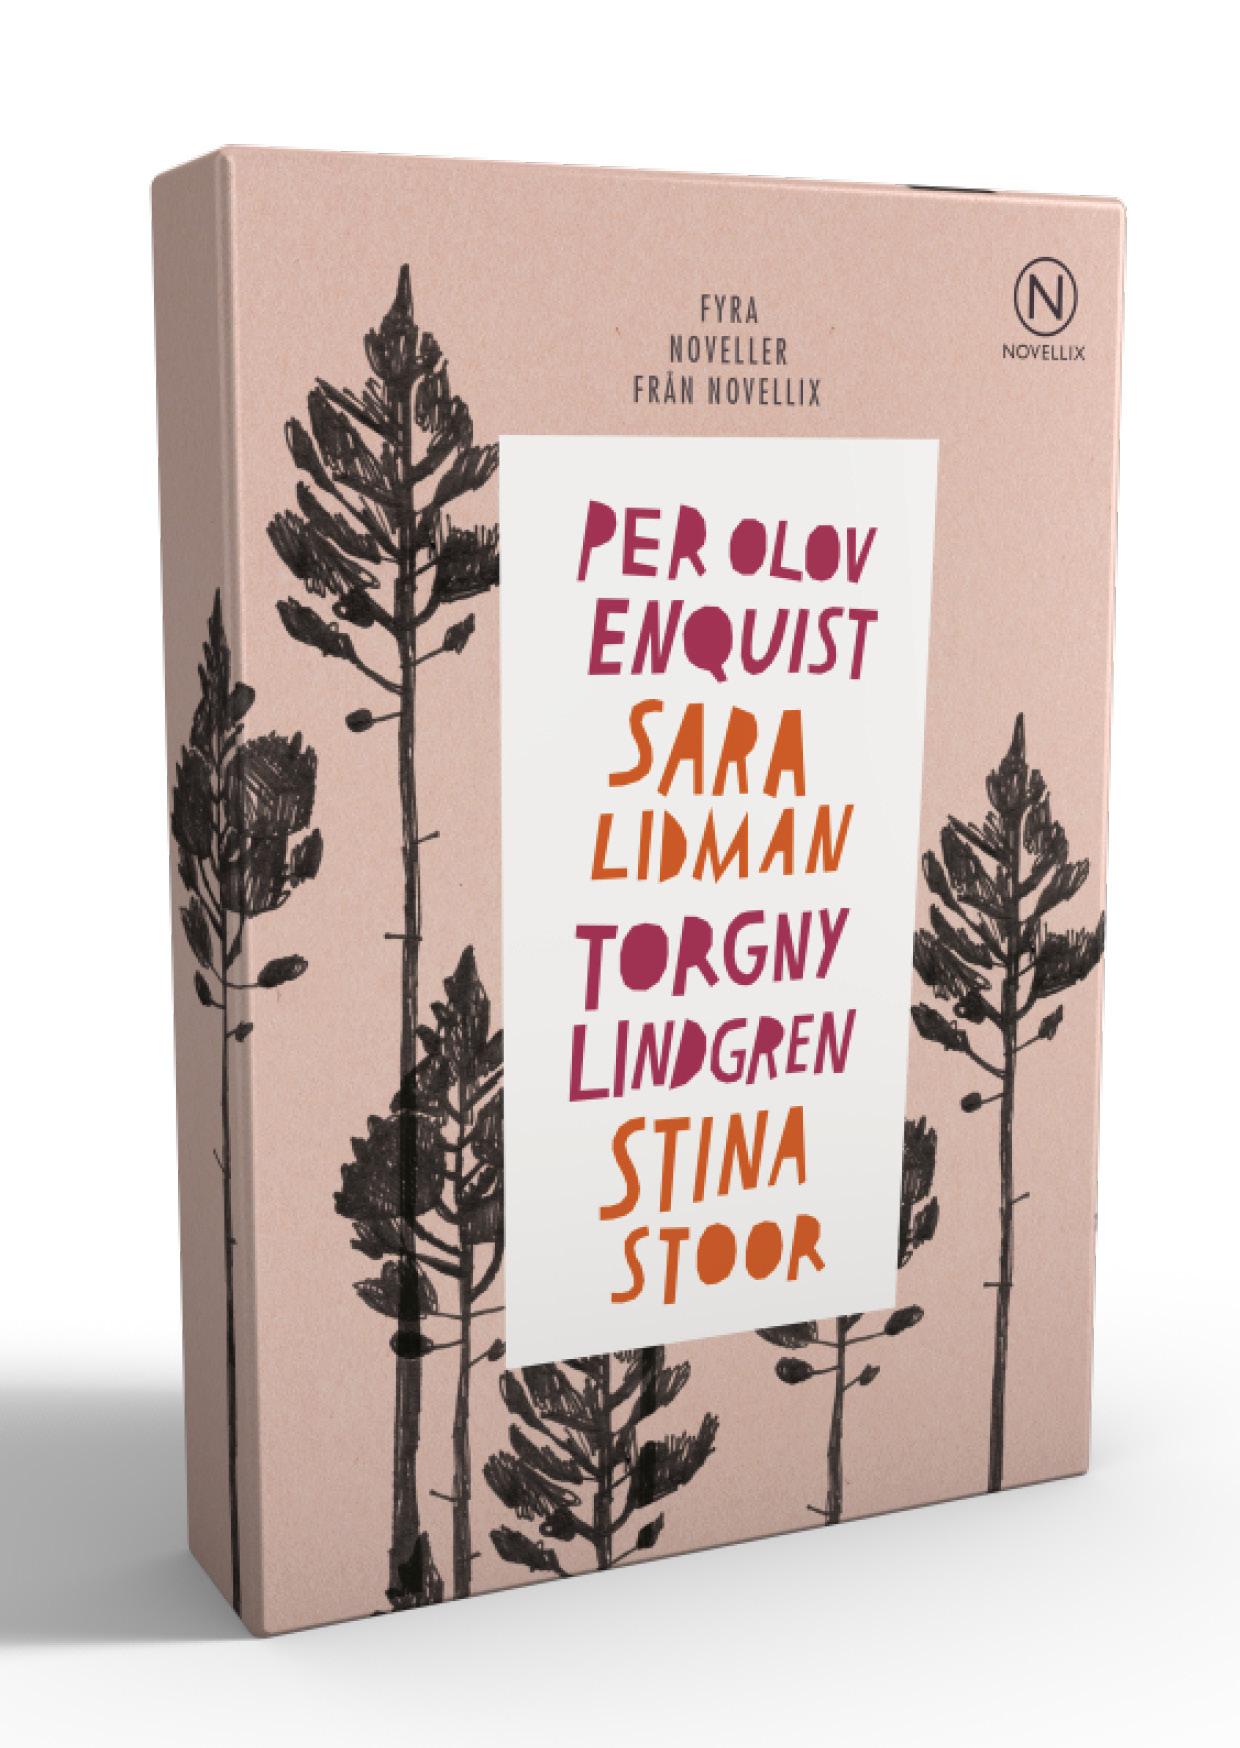 Novellix, Enquist, Lidman, Lindgren och Stoor